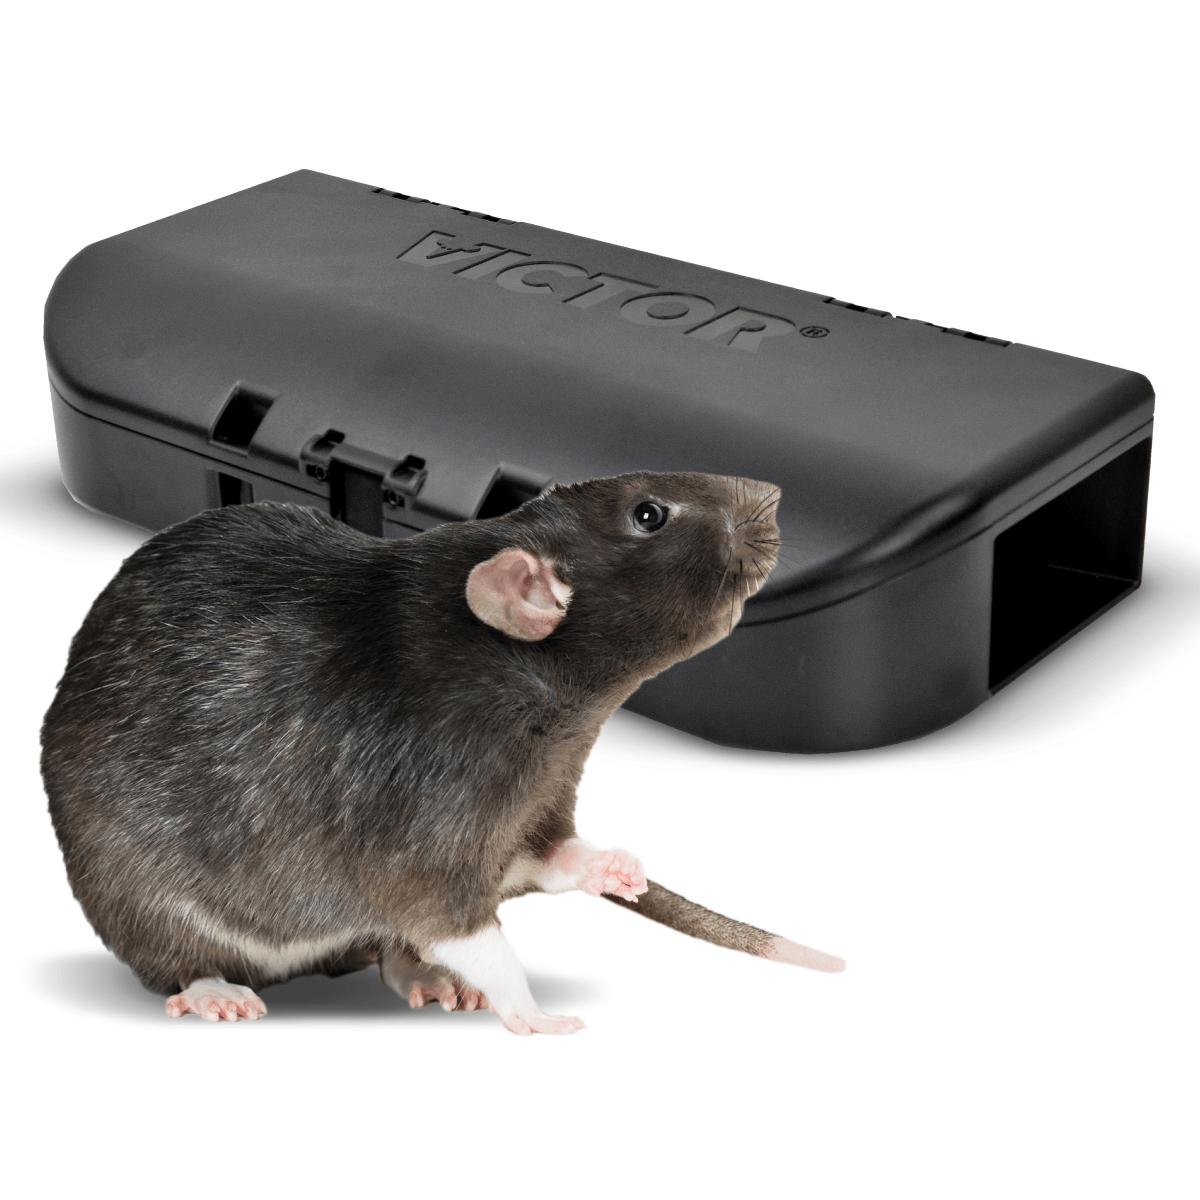 SensorWorks-Ready Woodstream Smart-Kill Rat Trap